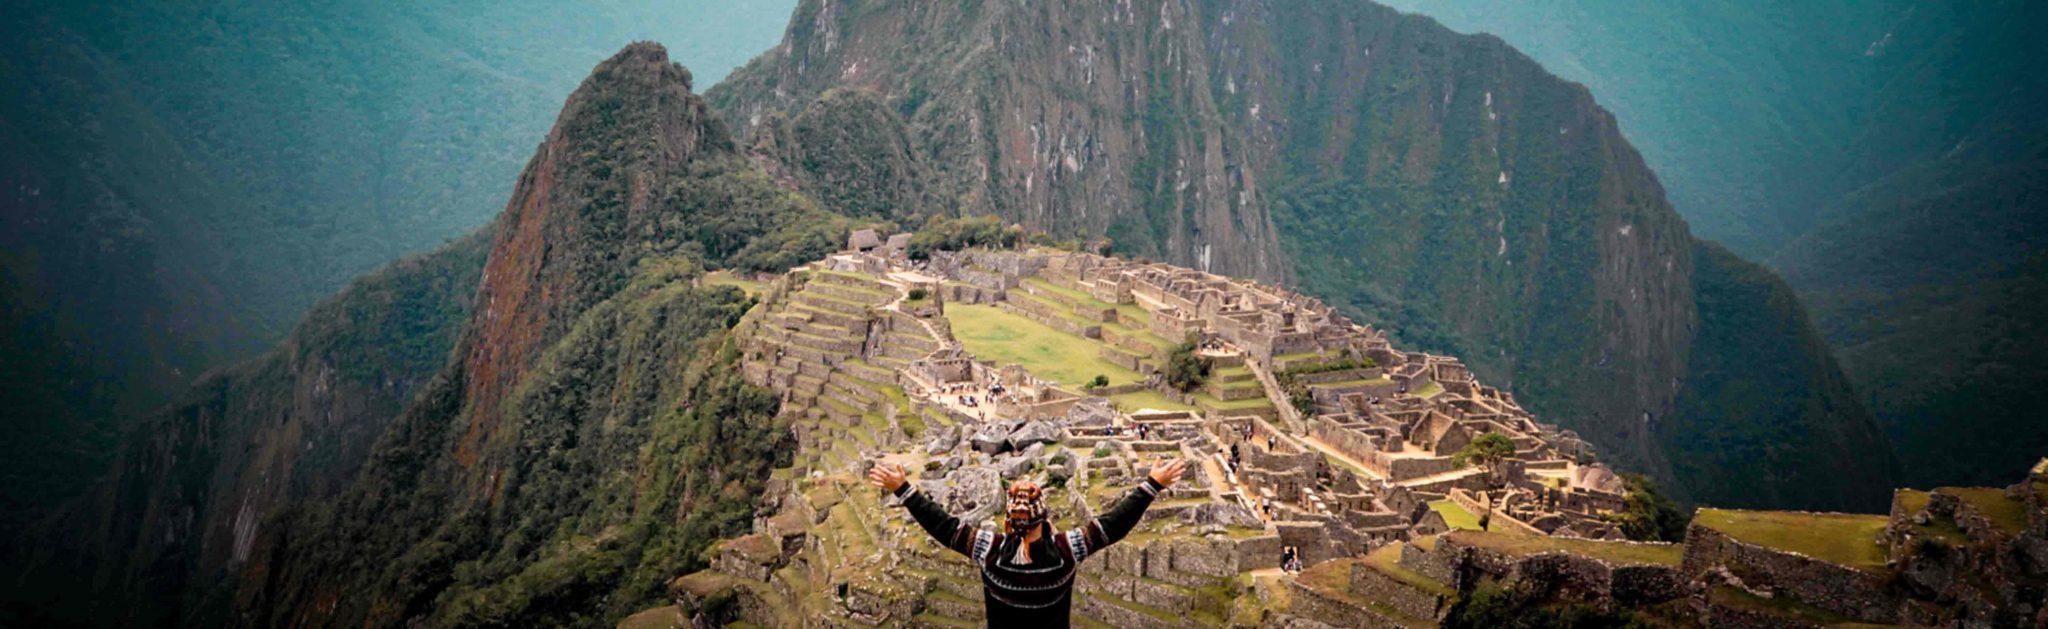 ¿Cómo viajar barato a Perú?